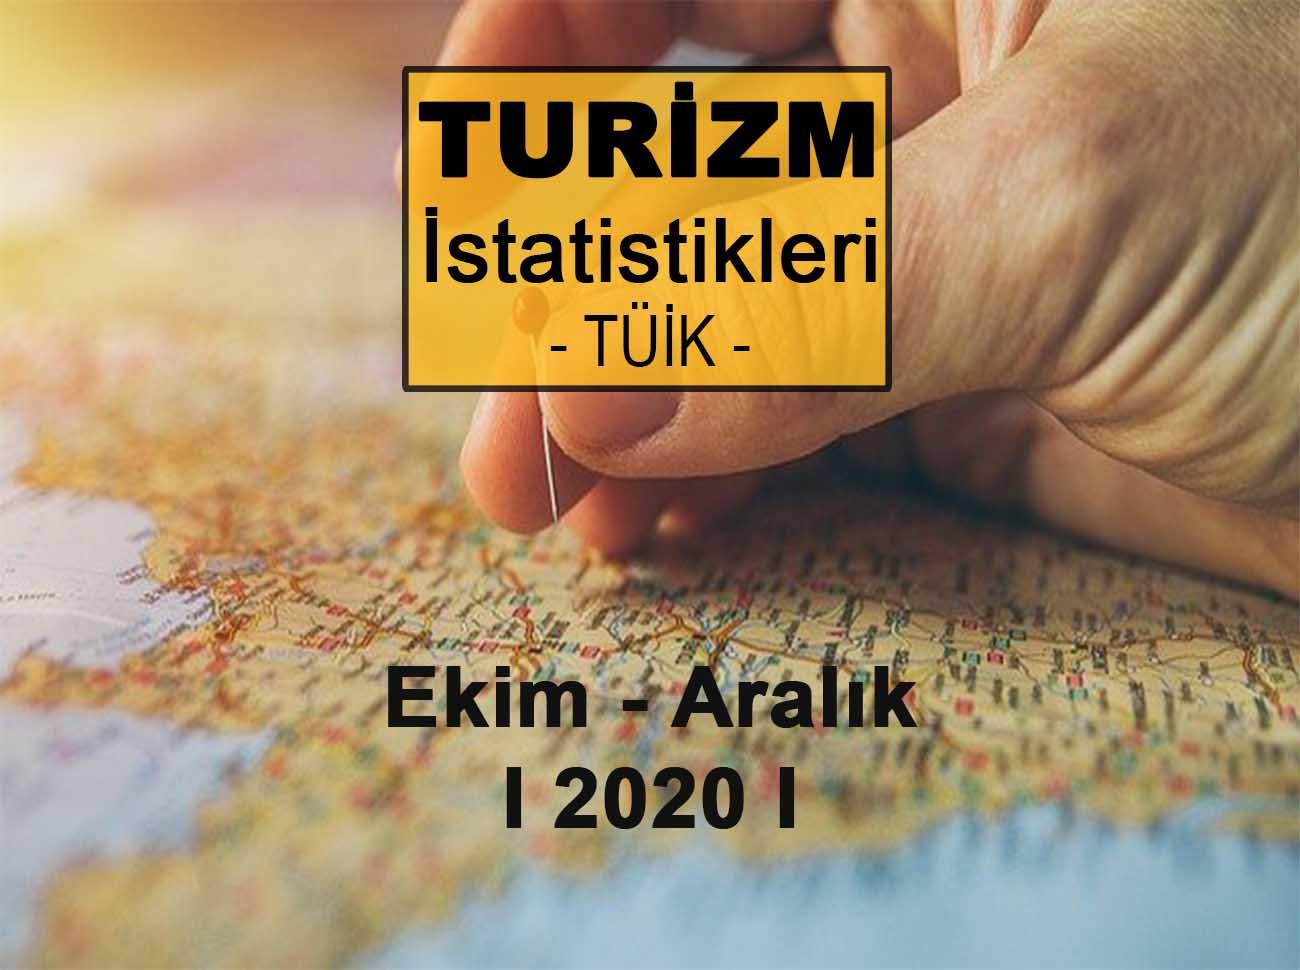 Turizm İstatistikleri (Ekim – Aralık 2020)